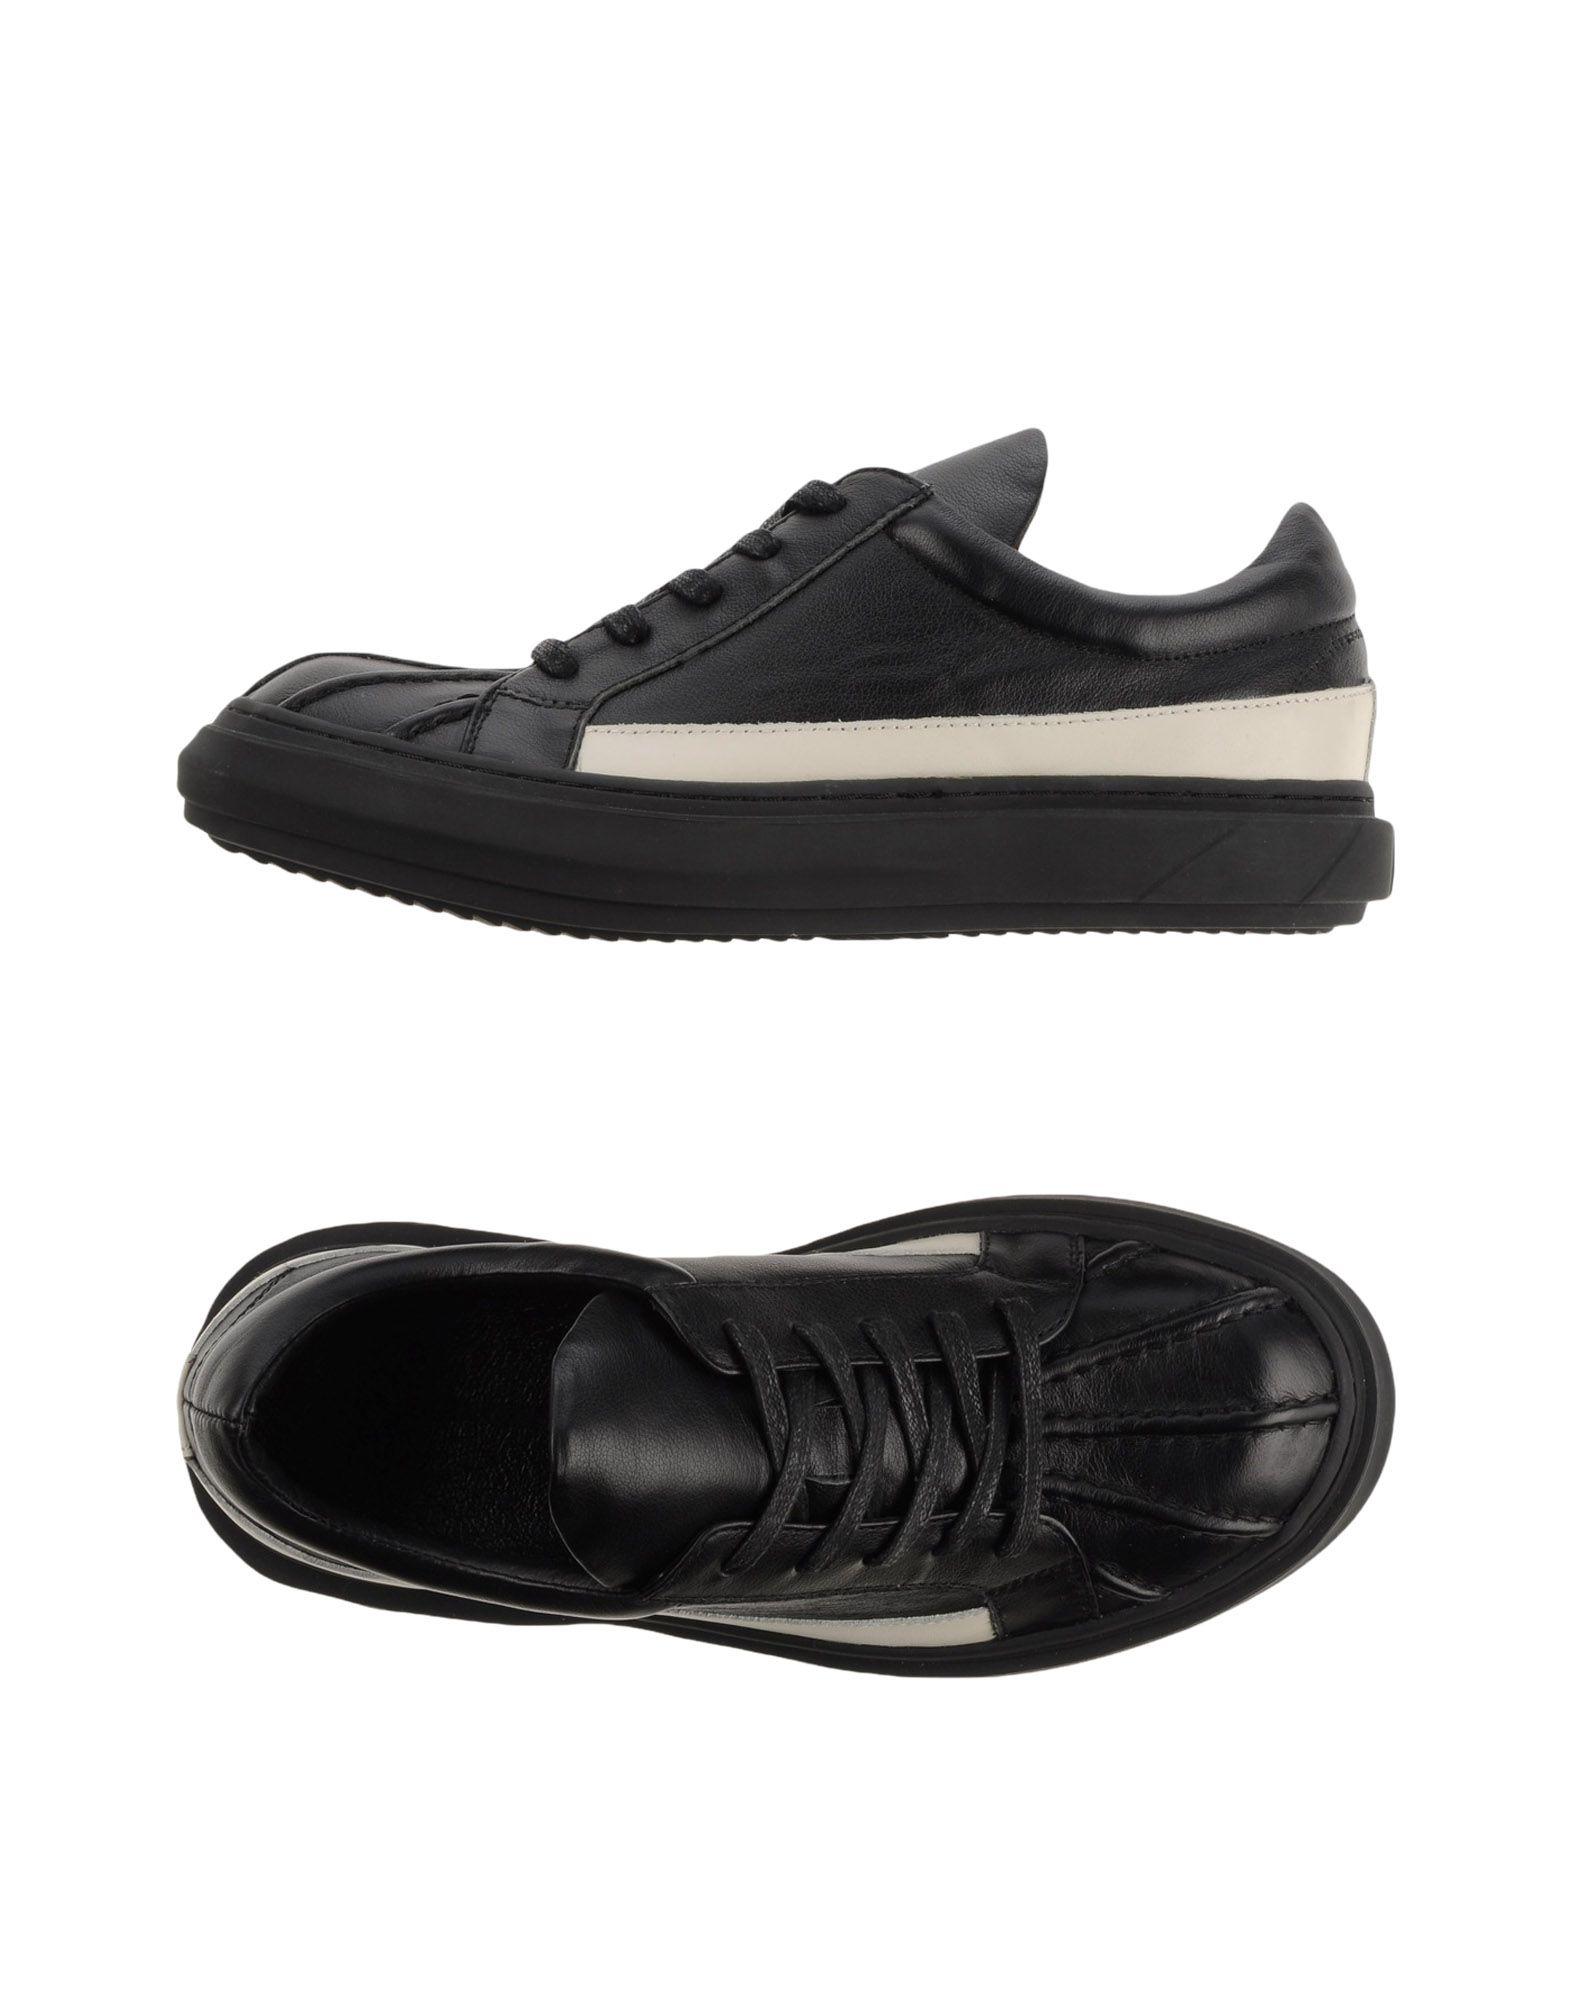 D.Gnak By Kang.D Sneakers Herren  11107857SH Gute Qualität beliebte Schuhe